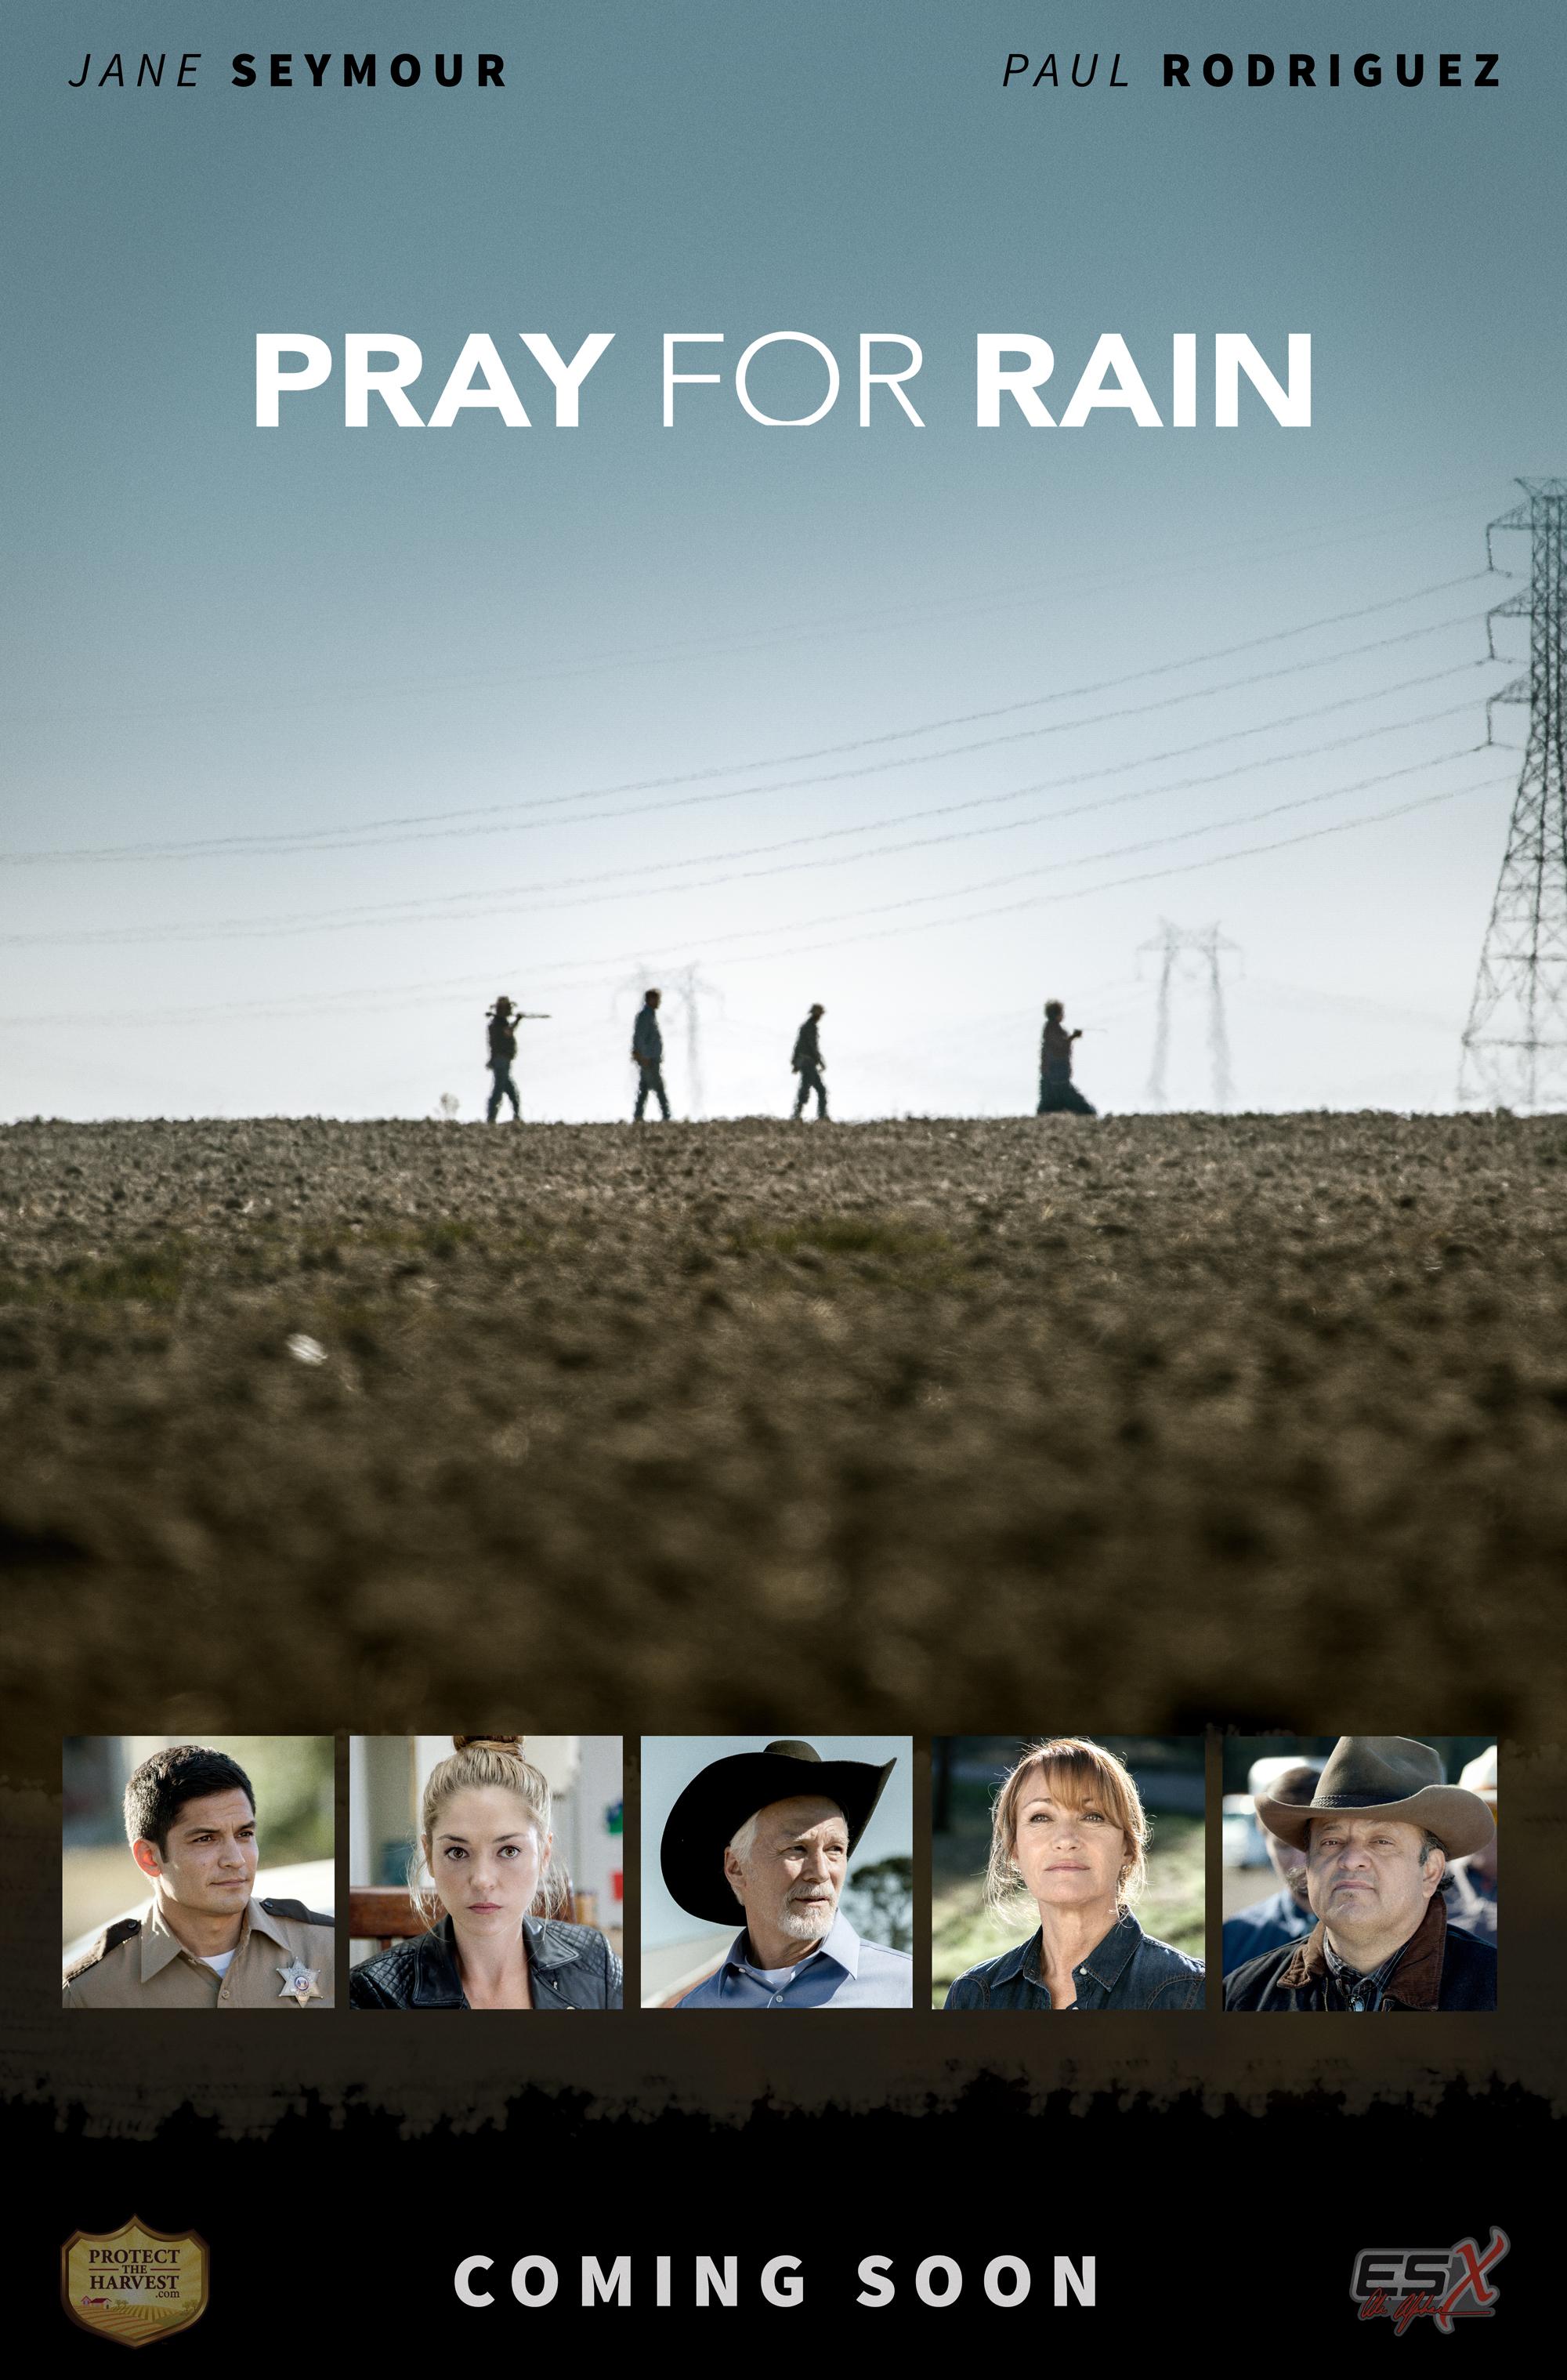 http://forrest-films.com/films/pray-for-rain/